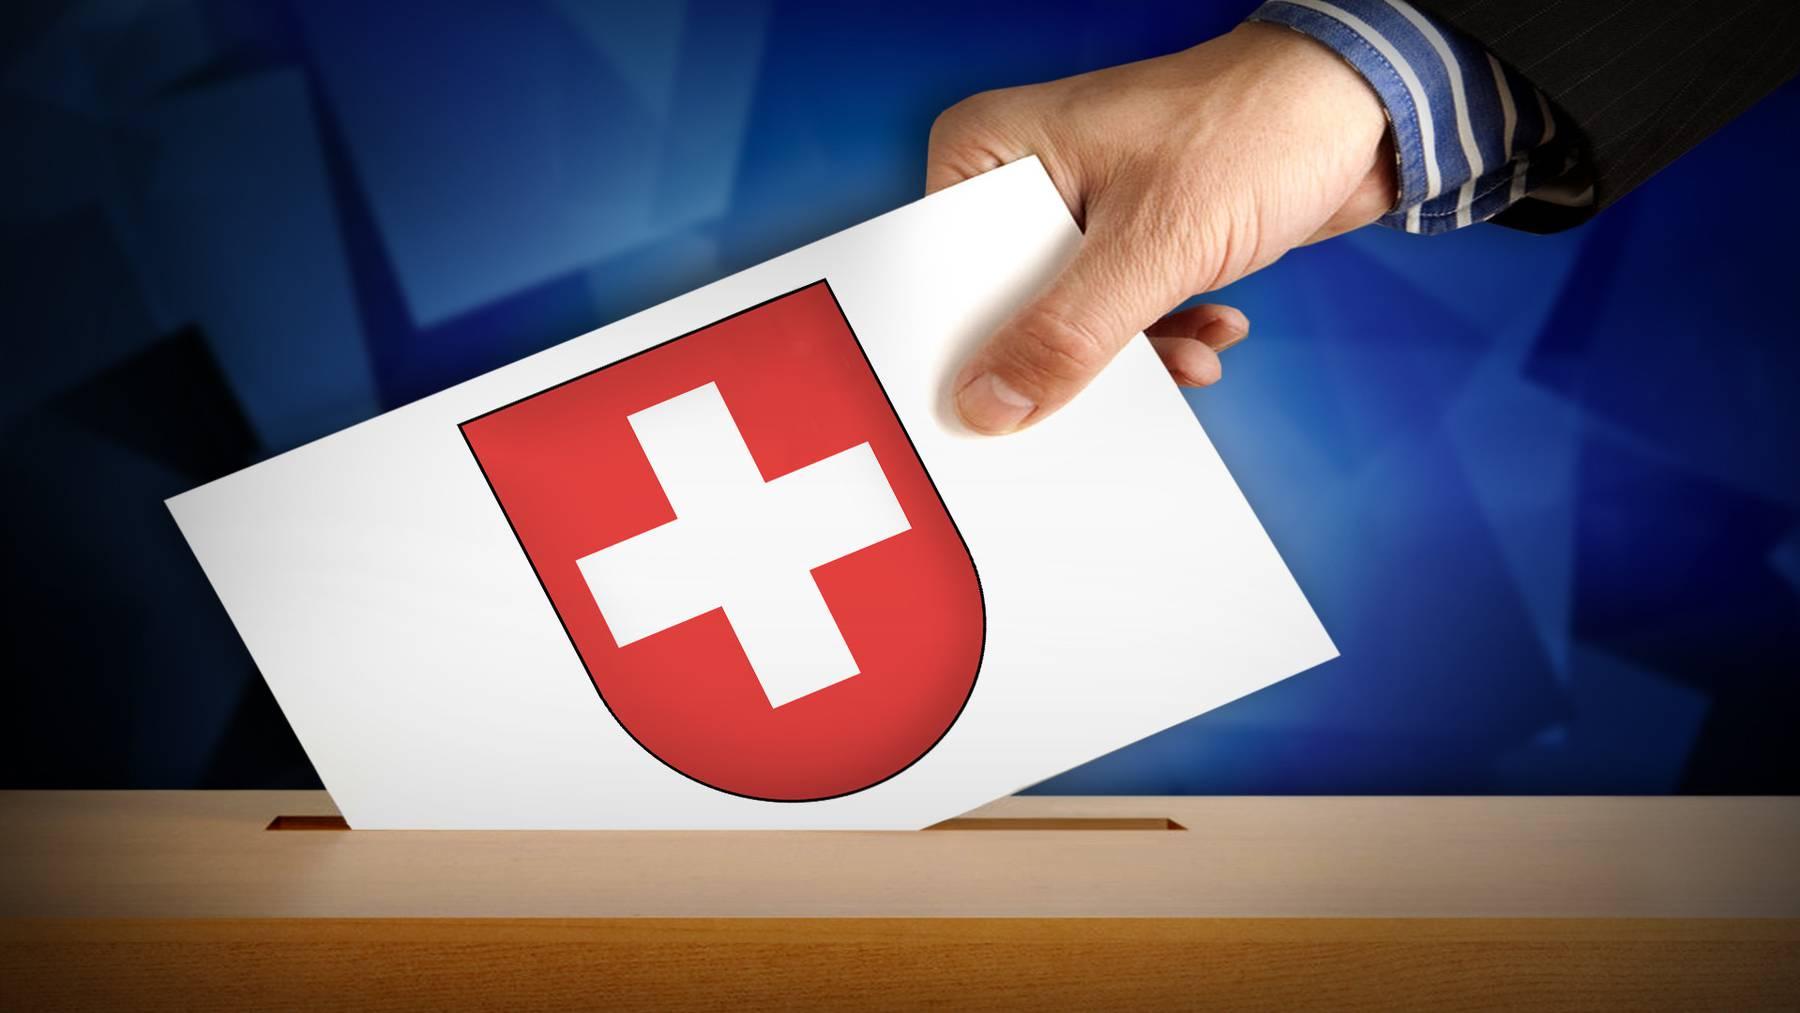 Wahlen und Abstimmungen Schweiz (Symbolbild)